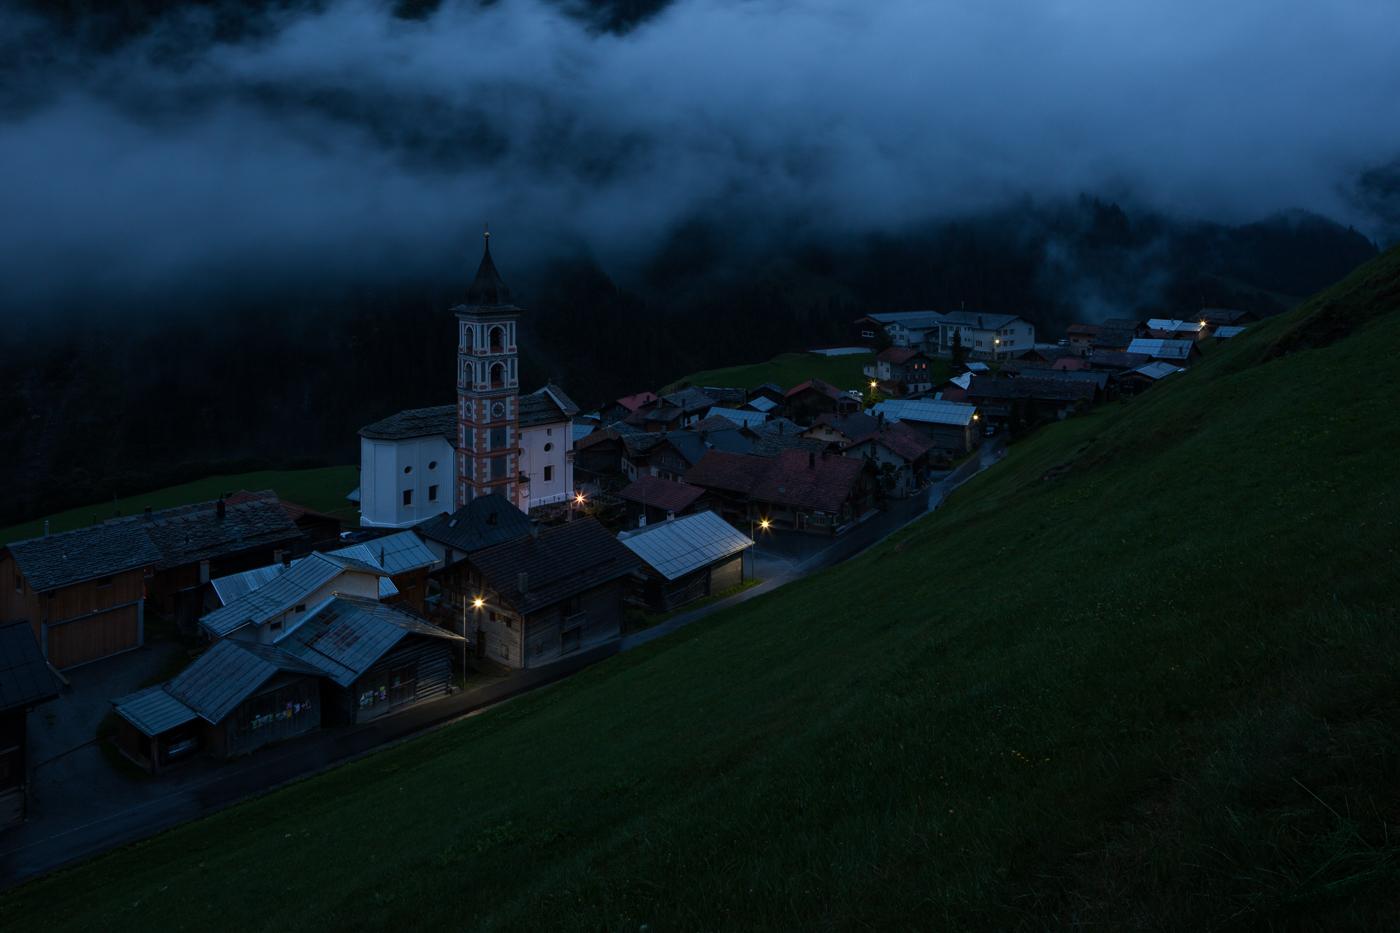 Verner Soler_USA-Switzerland_Visits to my village_01.jpg